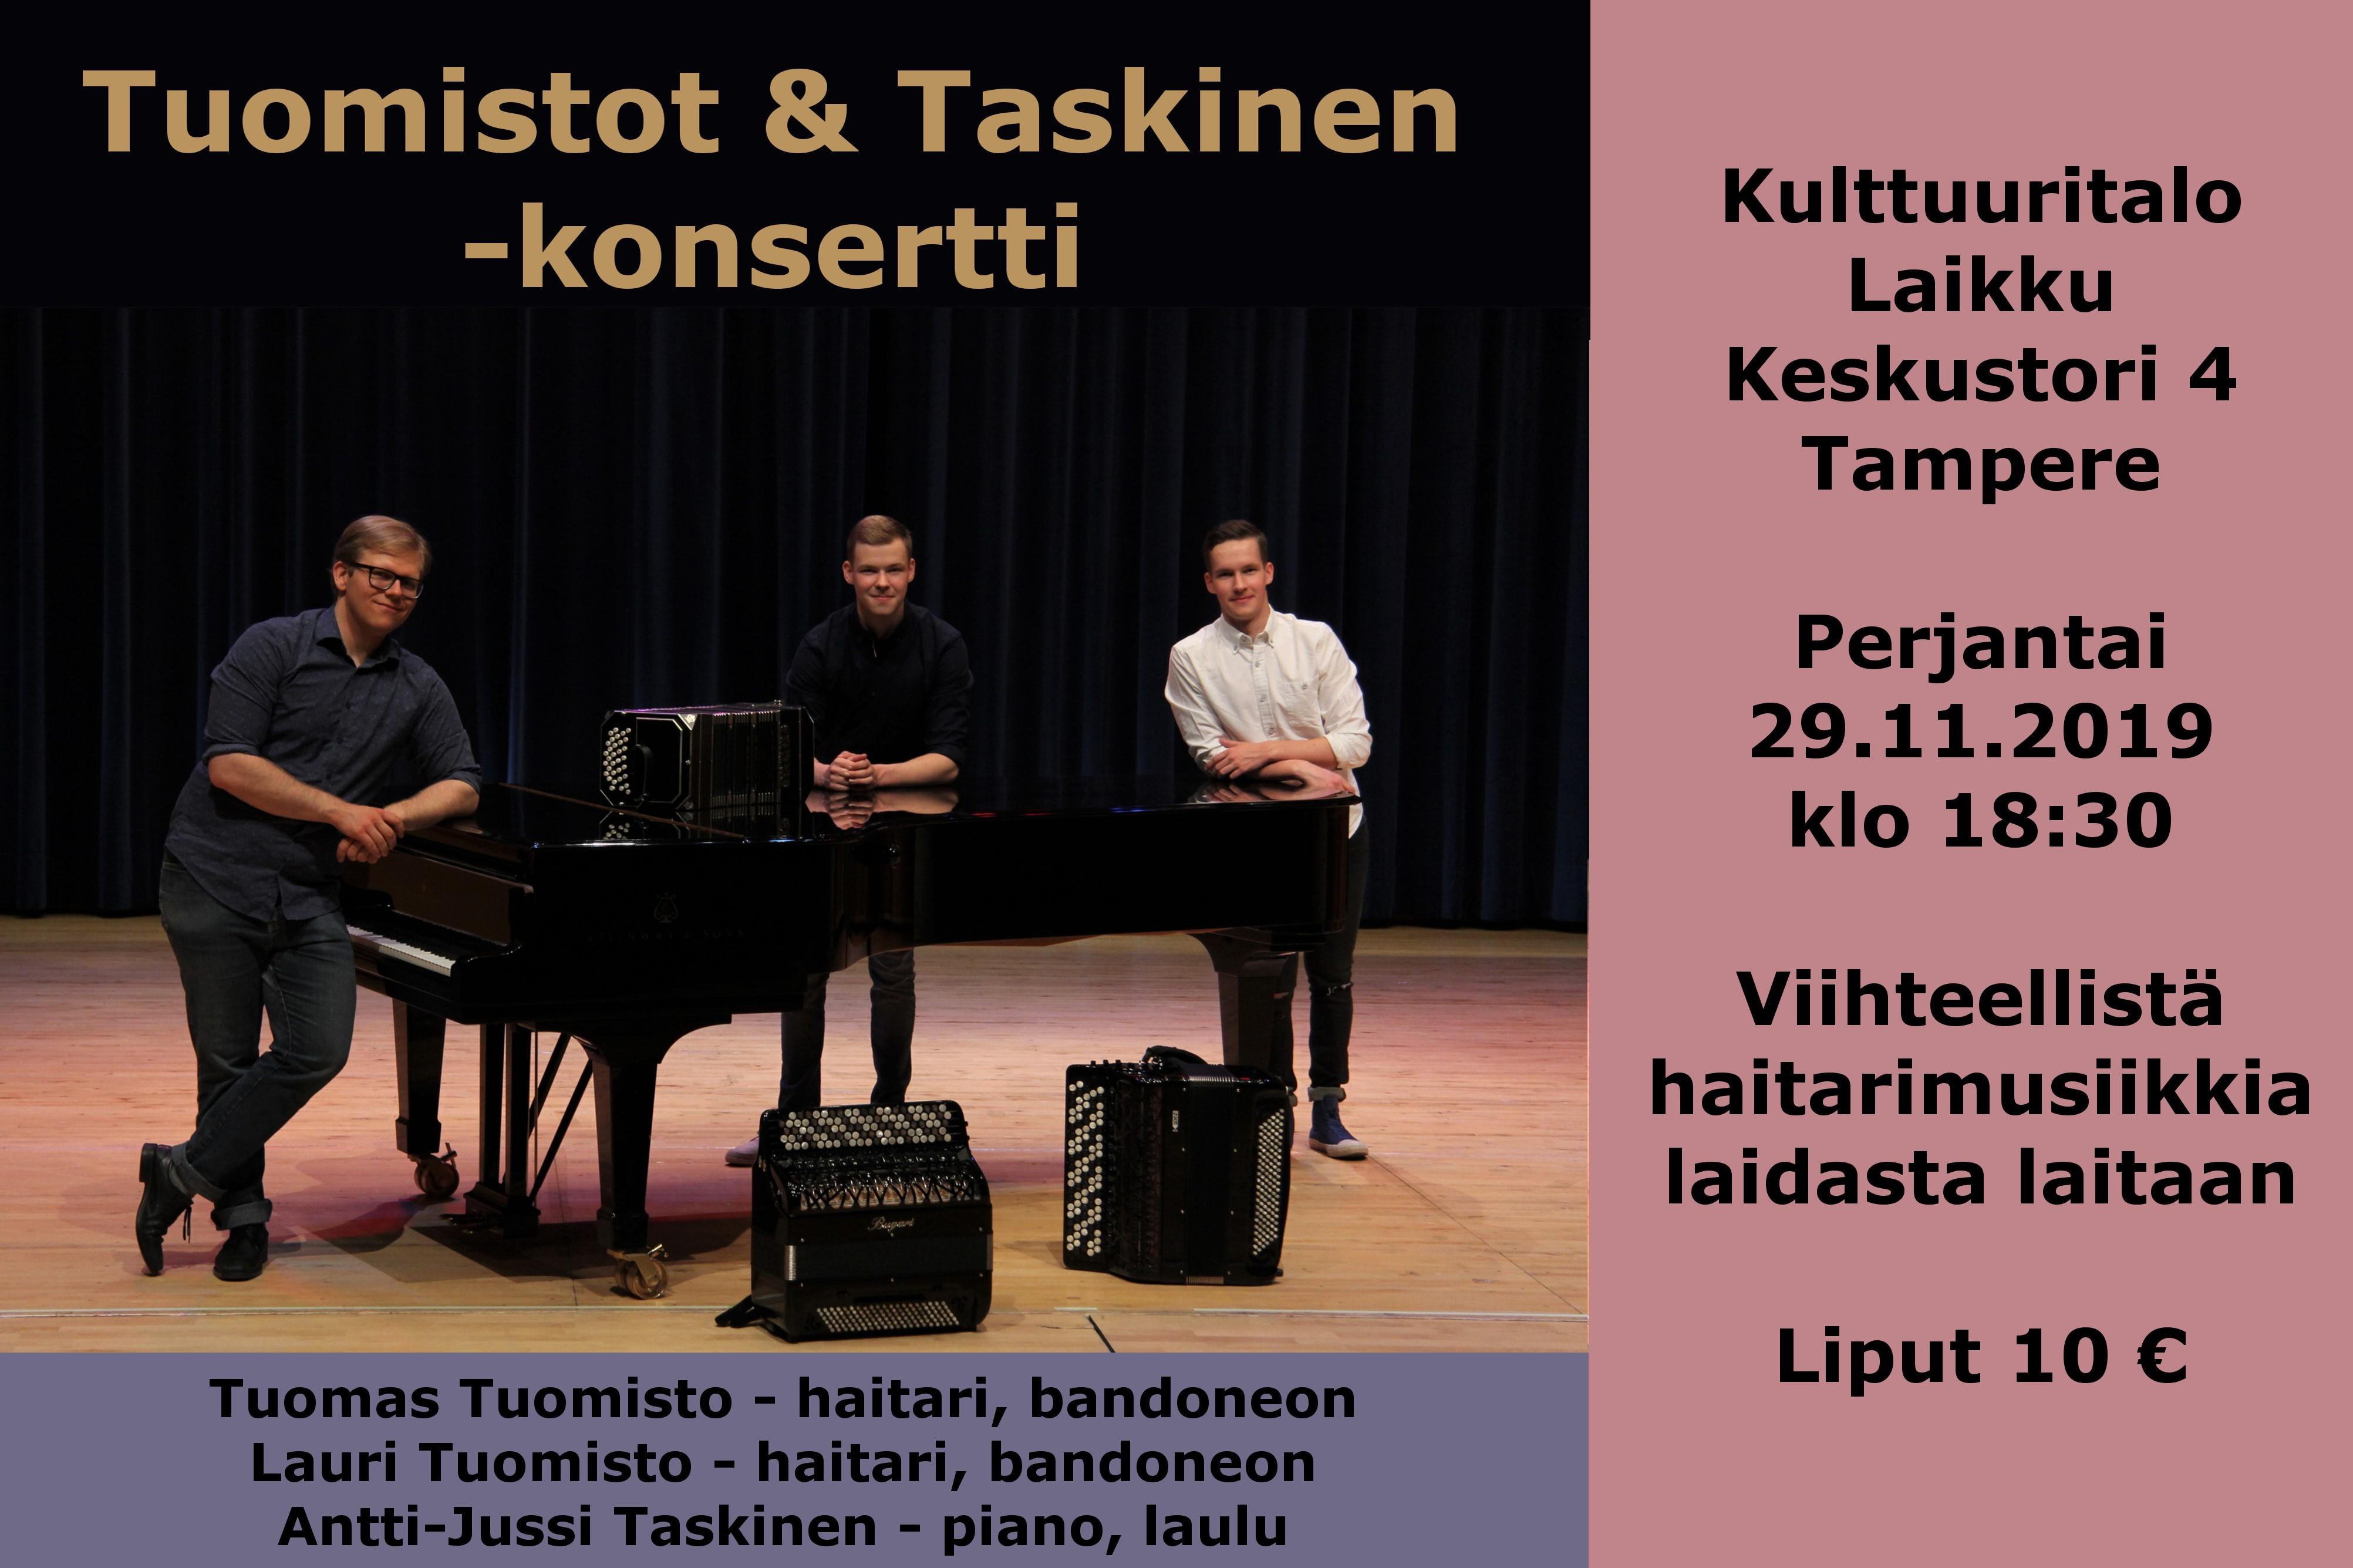 Tuomistot & Taskinen -konsertti